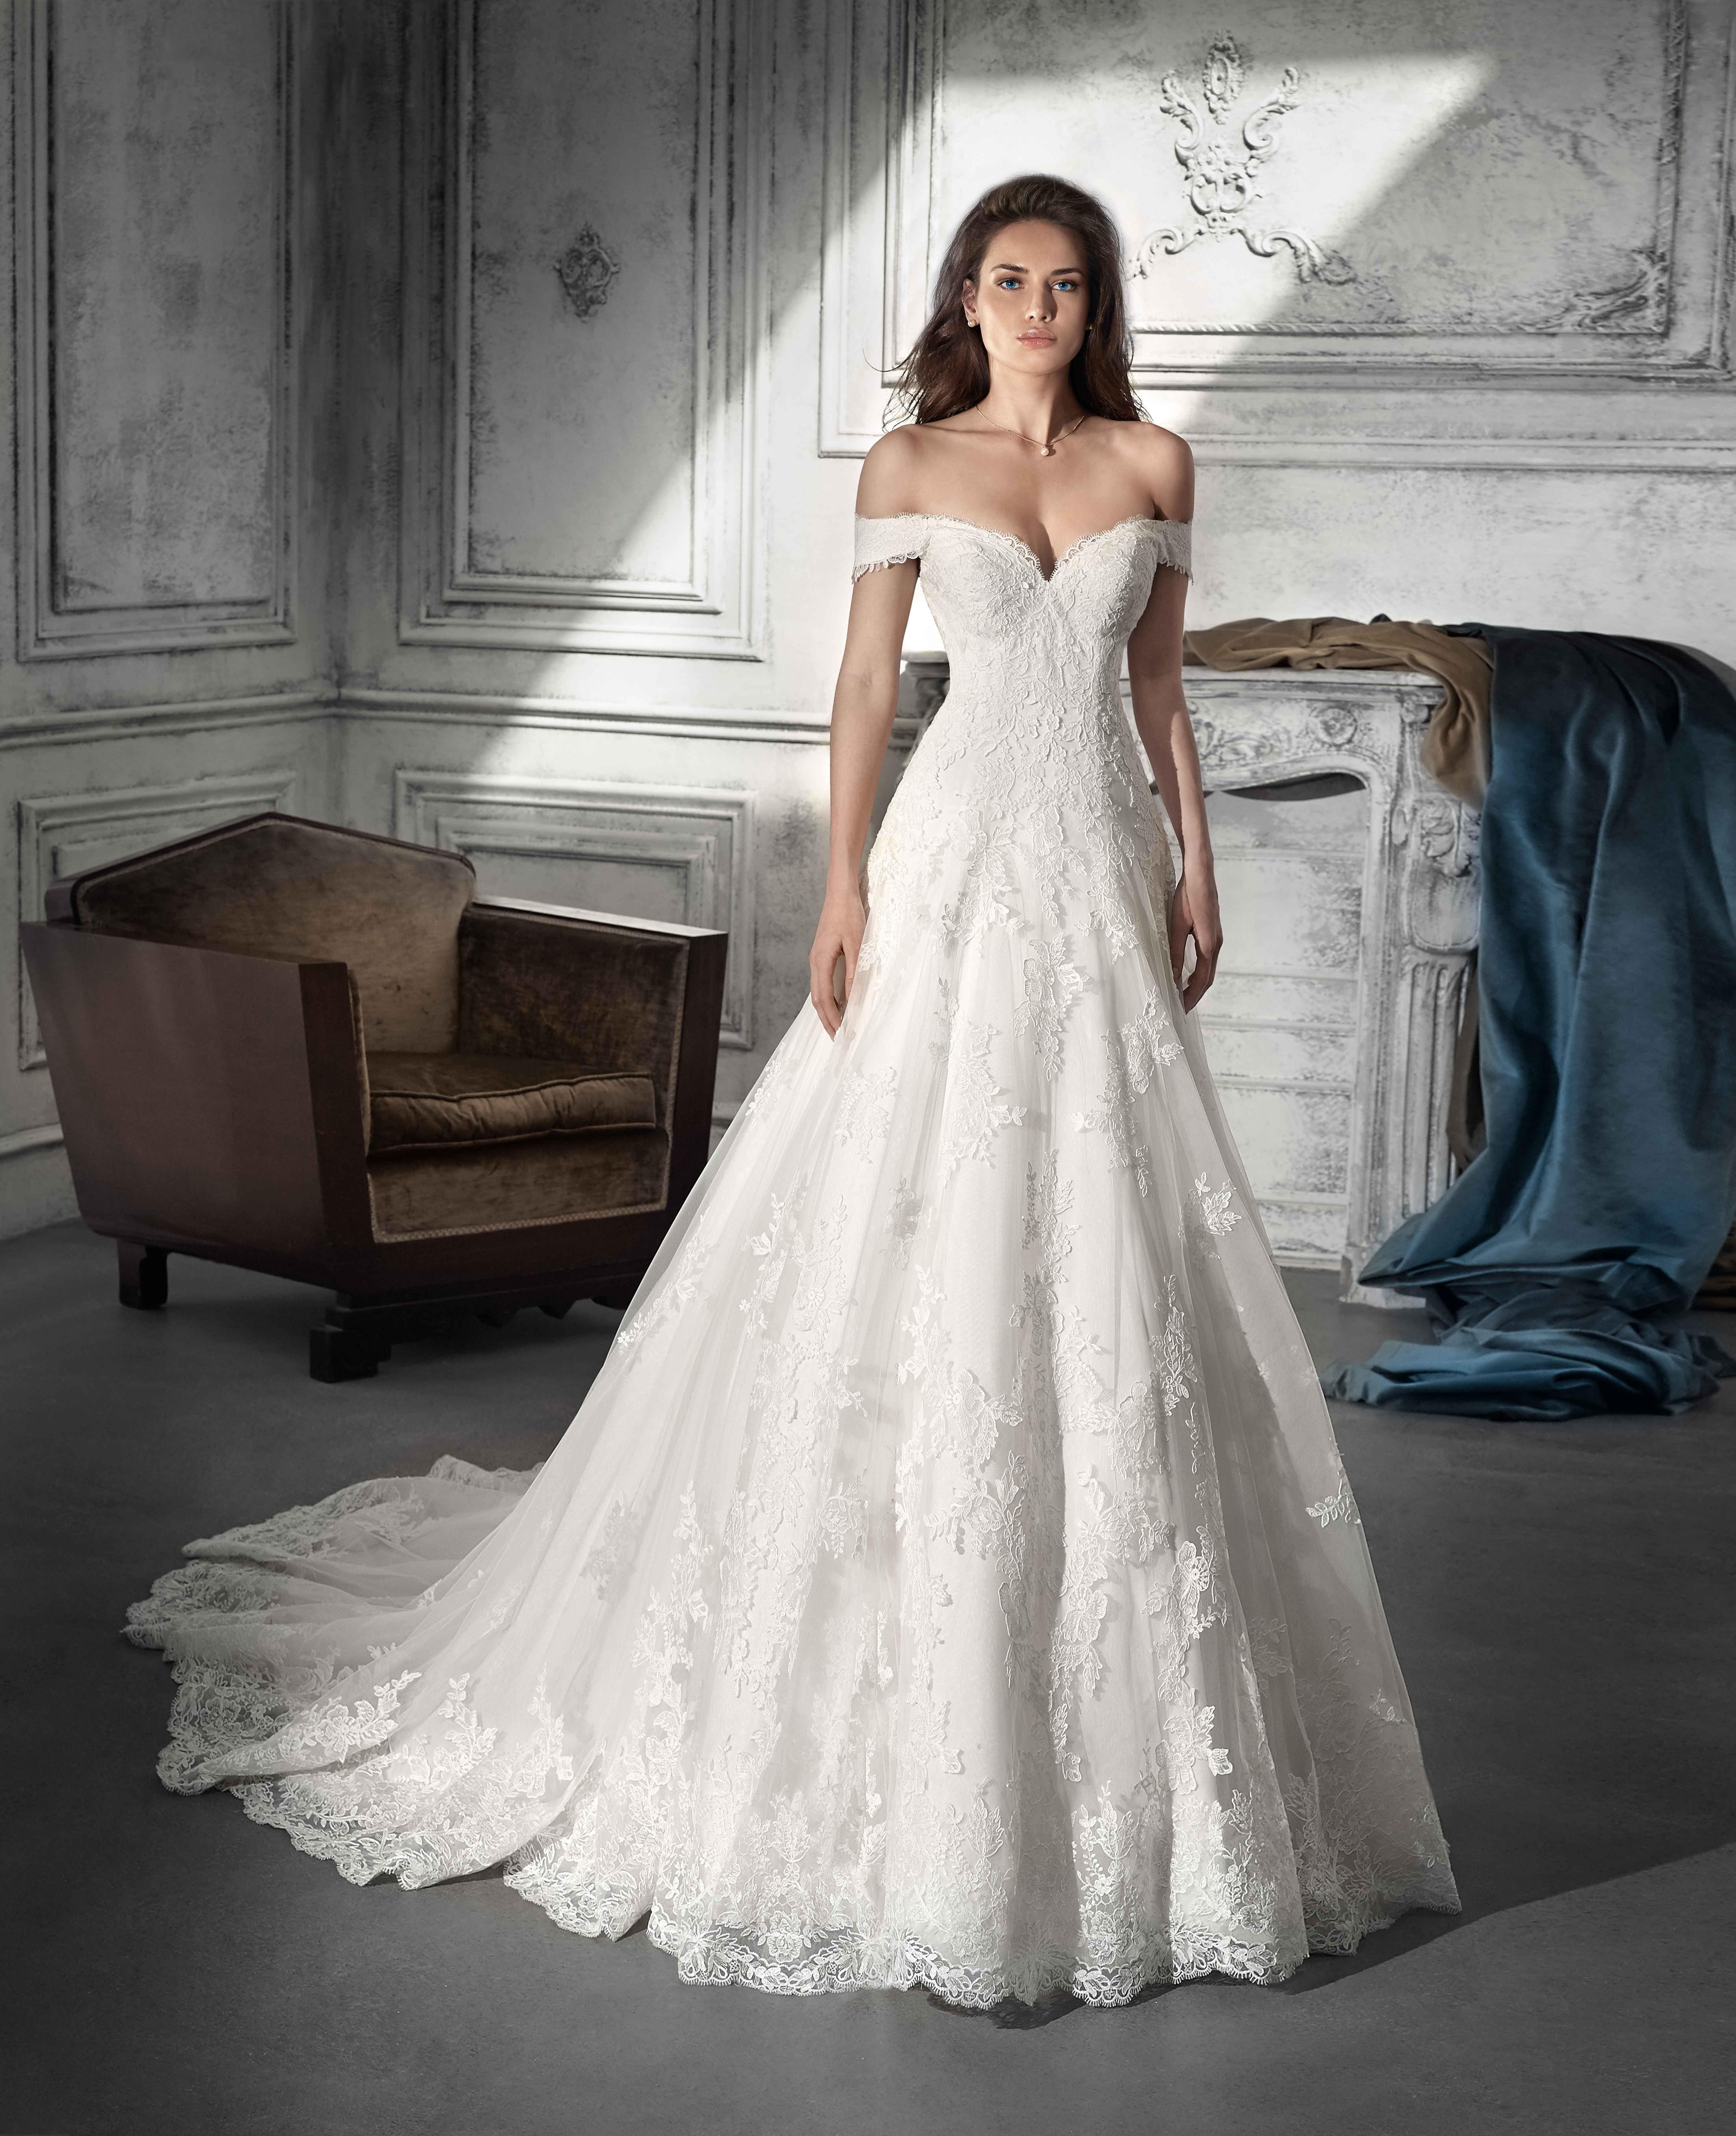 Vestido de Novia de Demetrios Wedding Dress   bodas   Pinterest ...